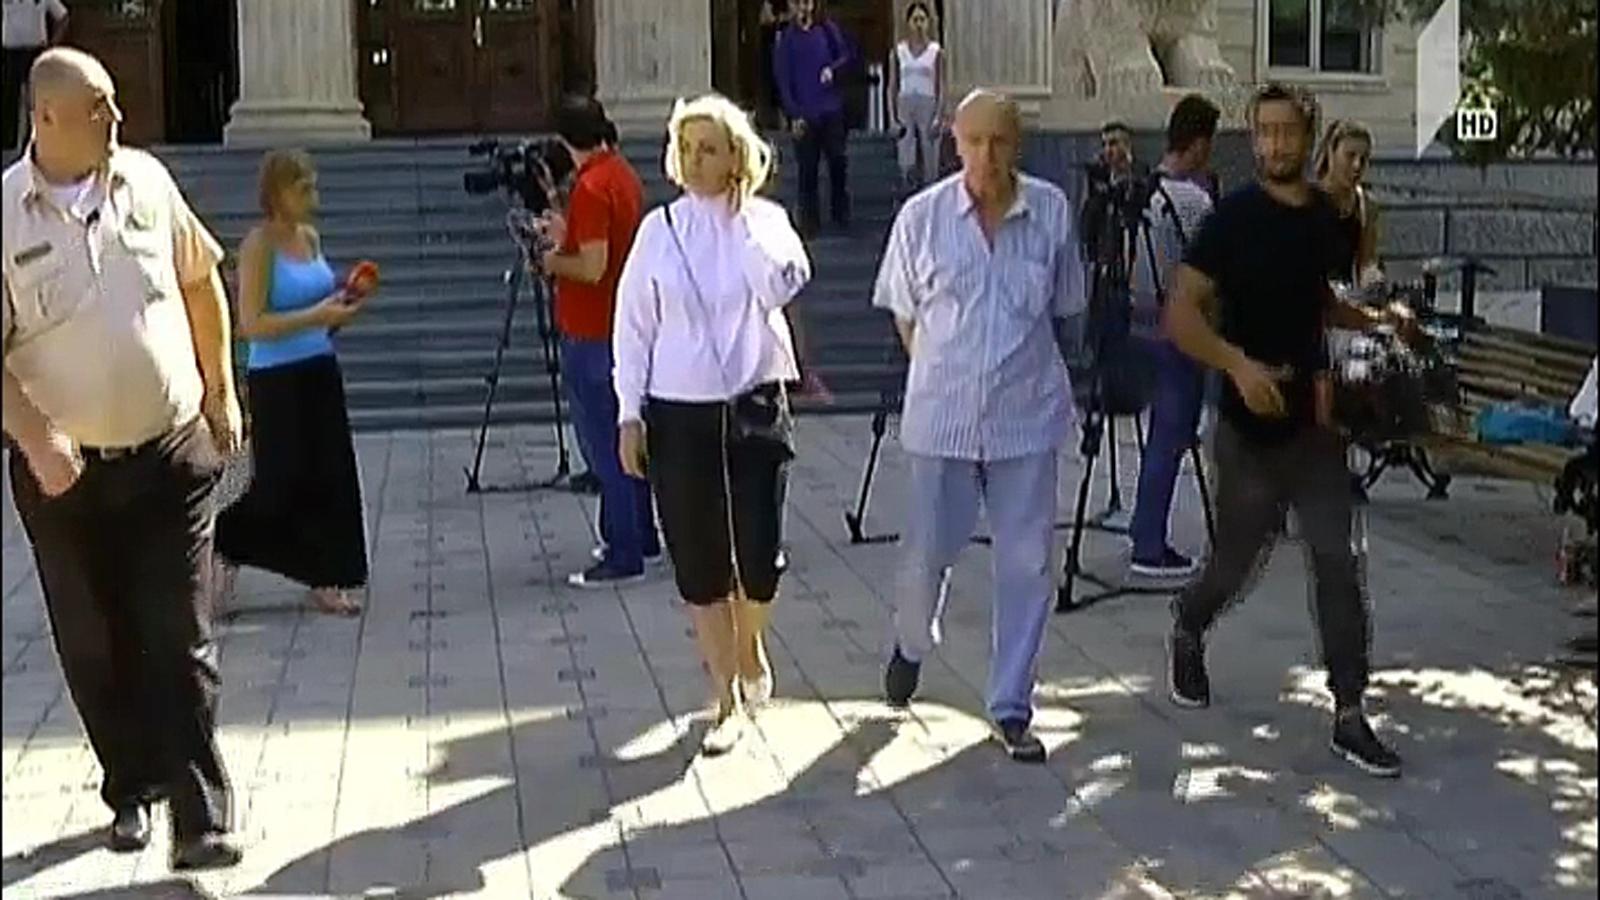 ე.წ. კორტების სპეცოპერაციის საქმეზე მსჯავრდებული ფირცხალავას მეუღლემ  გამოძიების კითხვებს სასამართლოში  უპასუხა